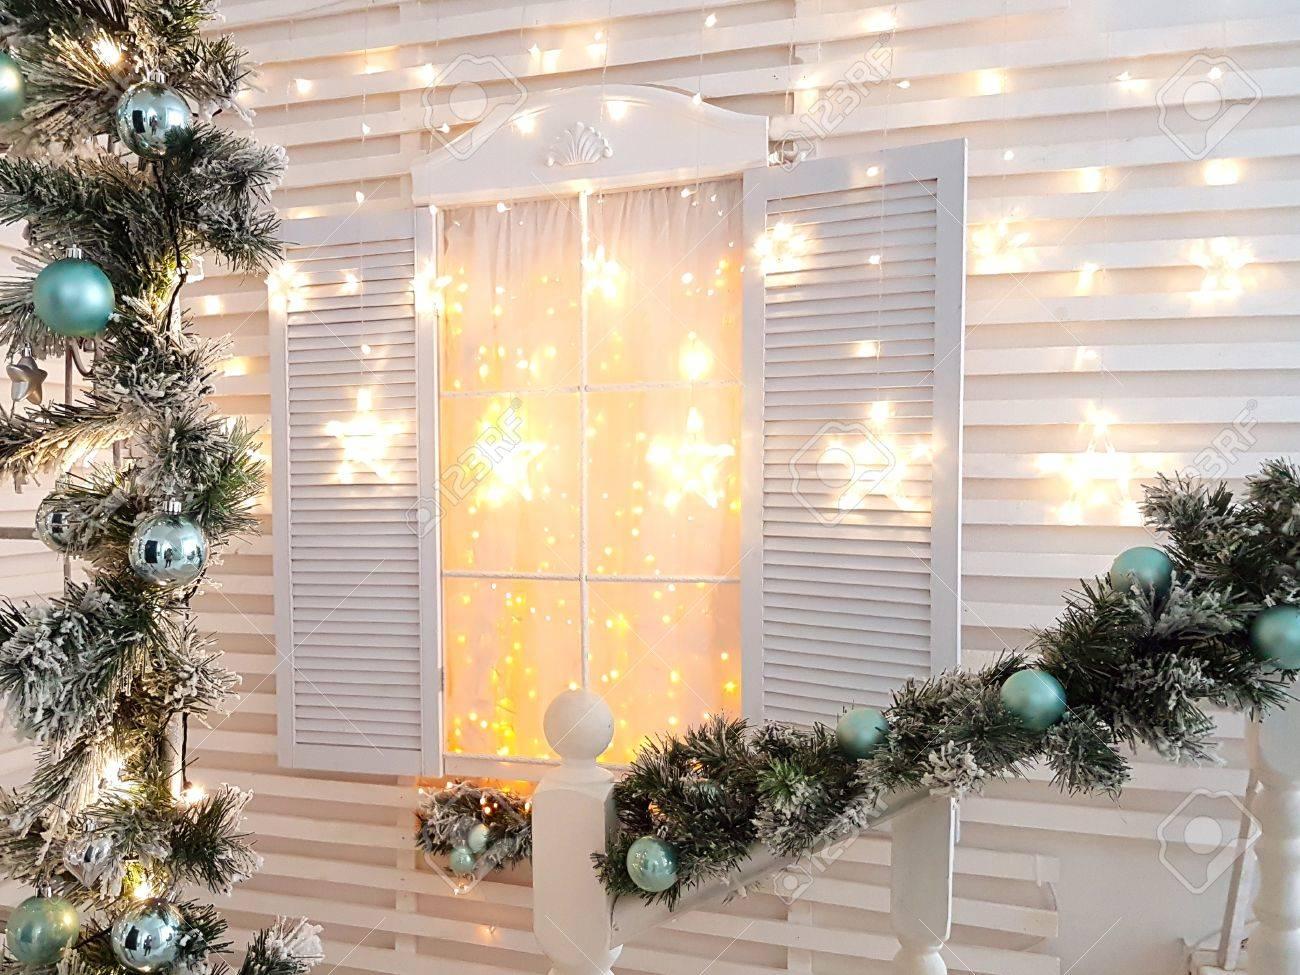 Arbre Bois Blanc Decoration vintage fenêtre en bois blanc donnent noël paysage et la décoration. arbre  de noël et des branches sur l'avant-plan